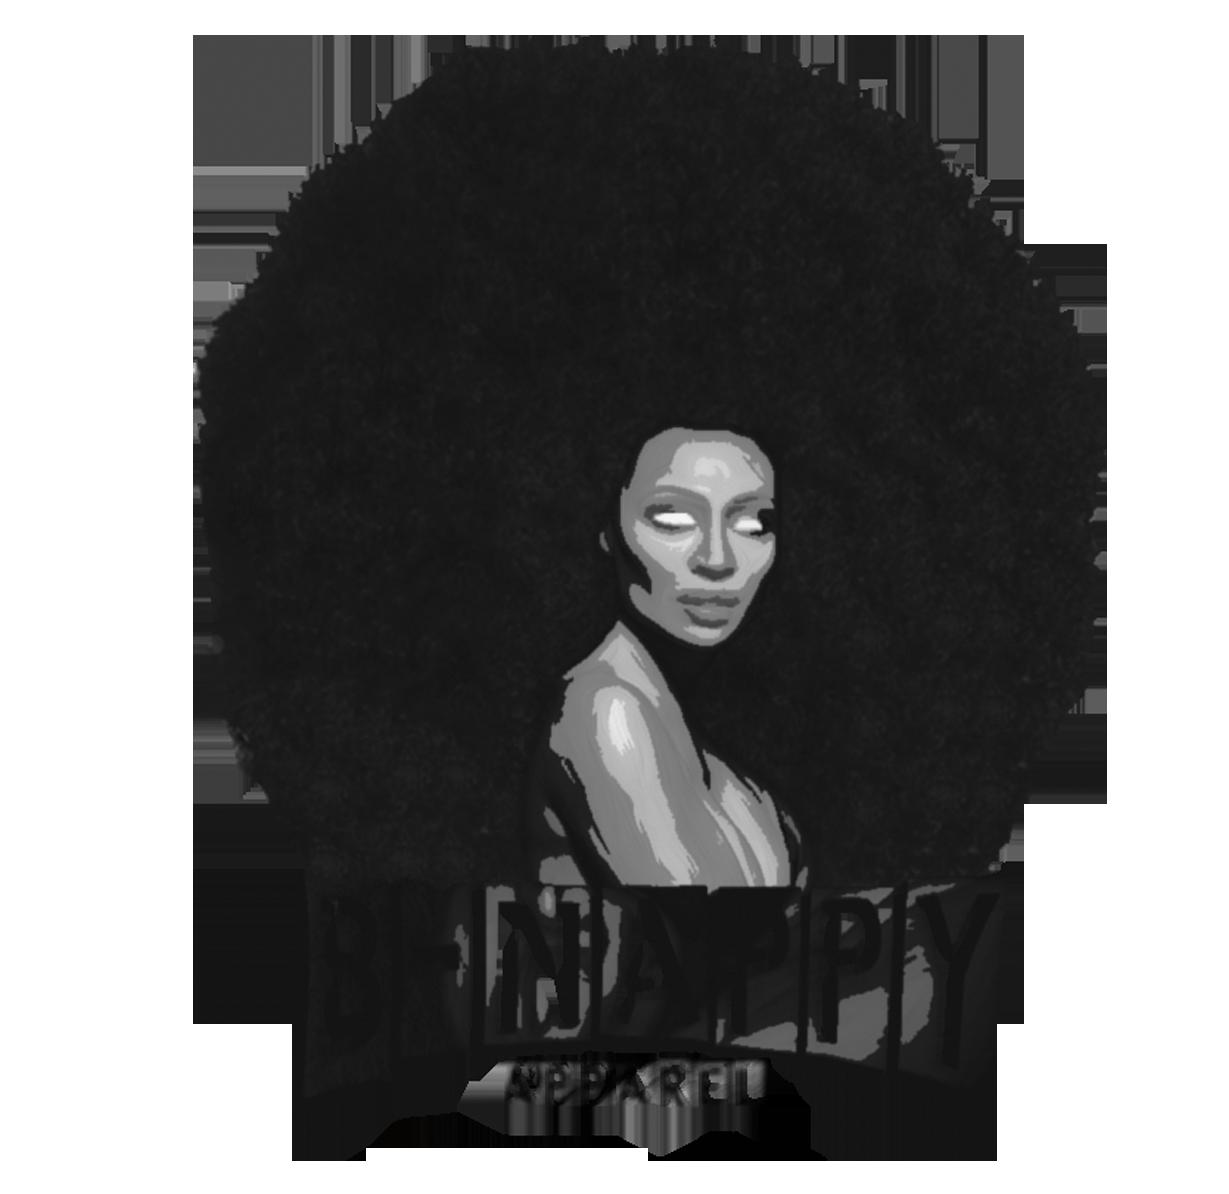 B-NAPPY